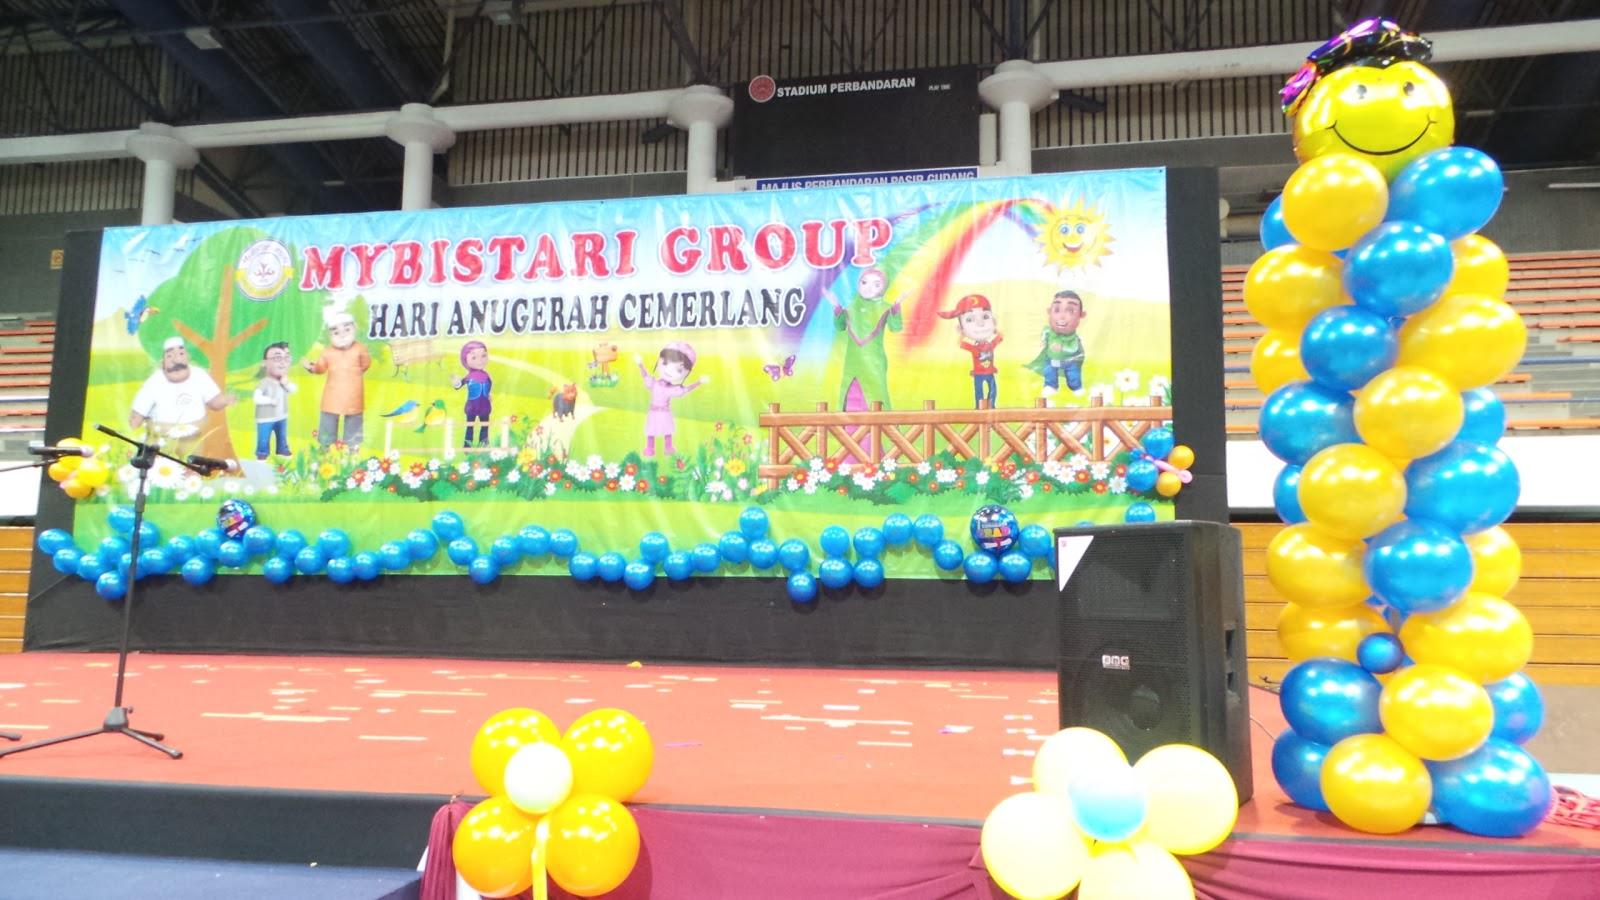 Hari Anugerah Cemerlang Mybistari Group